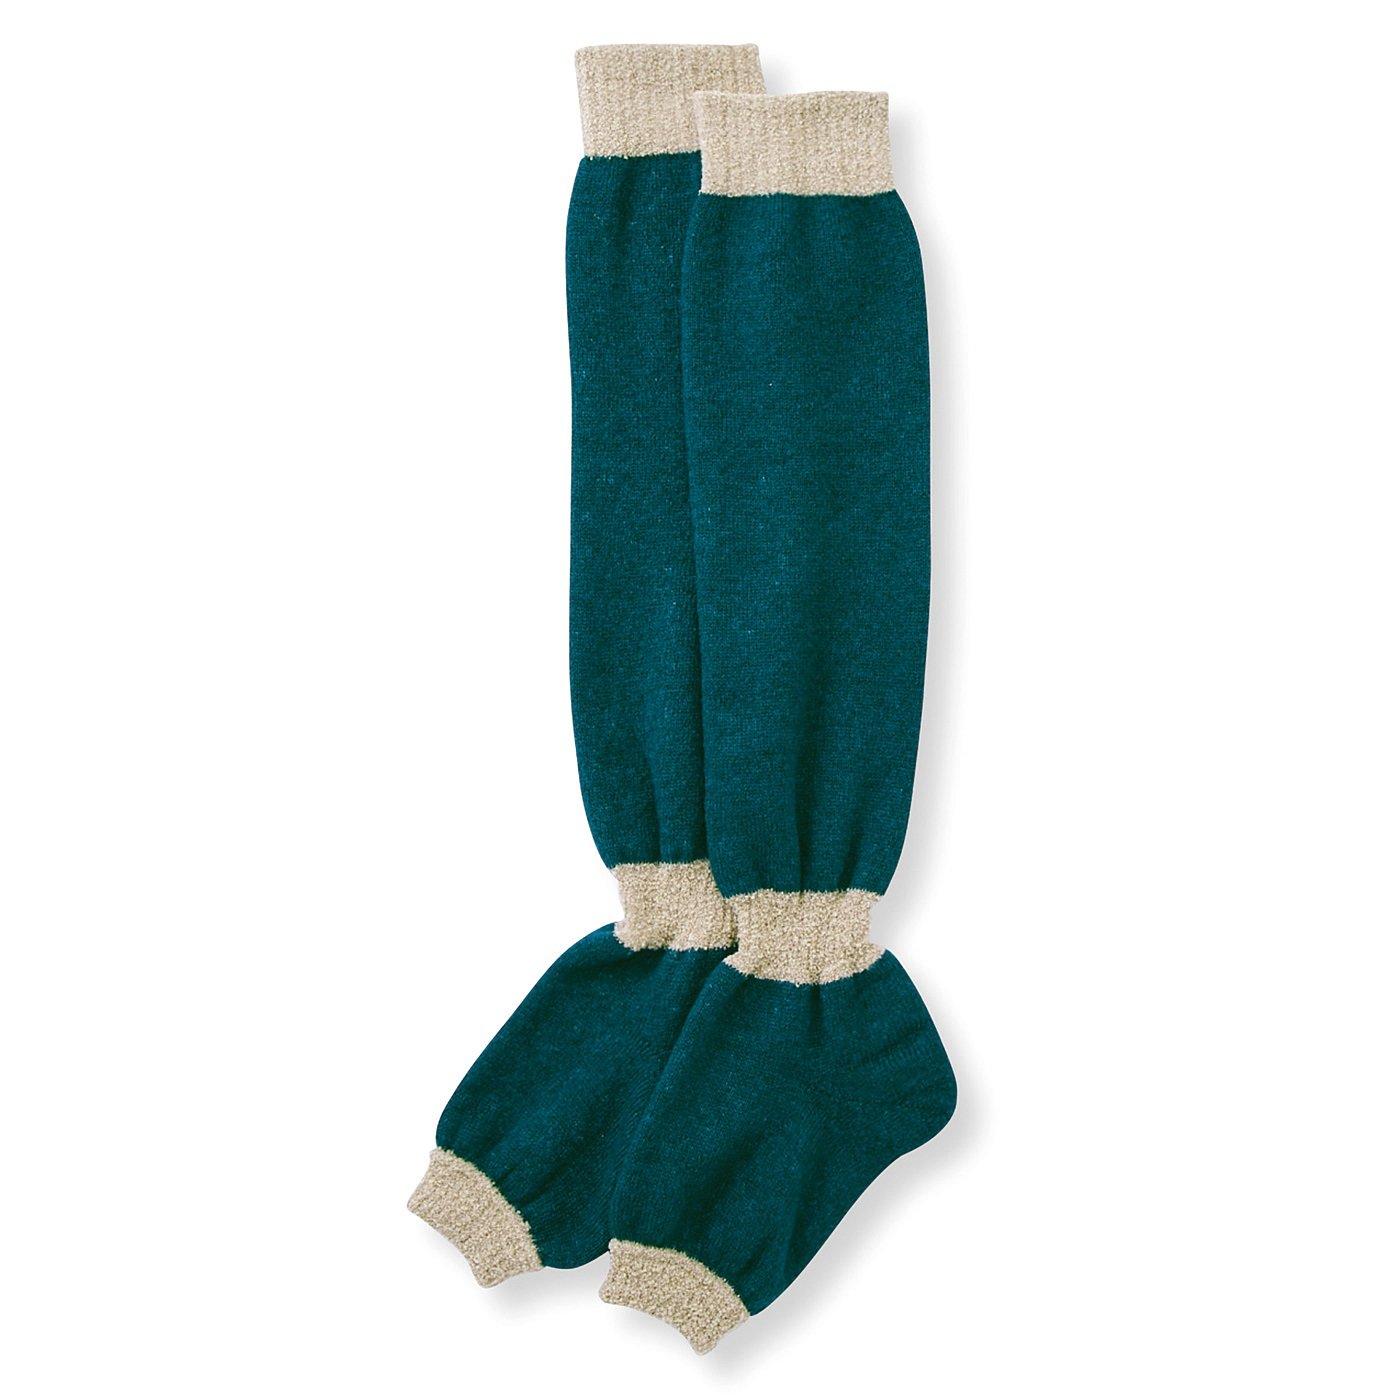 イエティサイズ! パジャマもすっぽりはけるあったかブランケット靴下の会